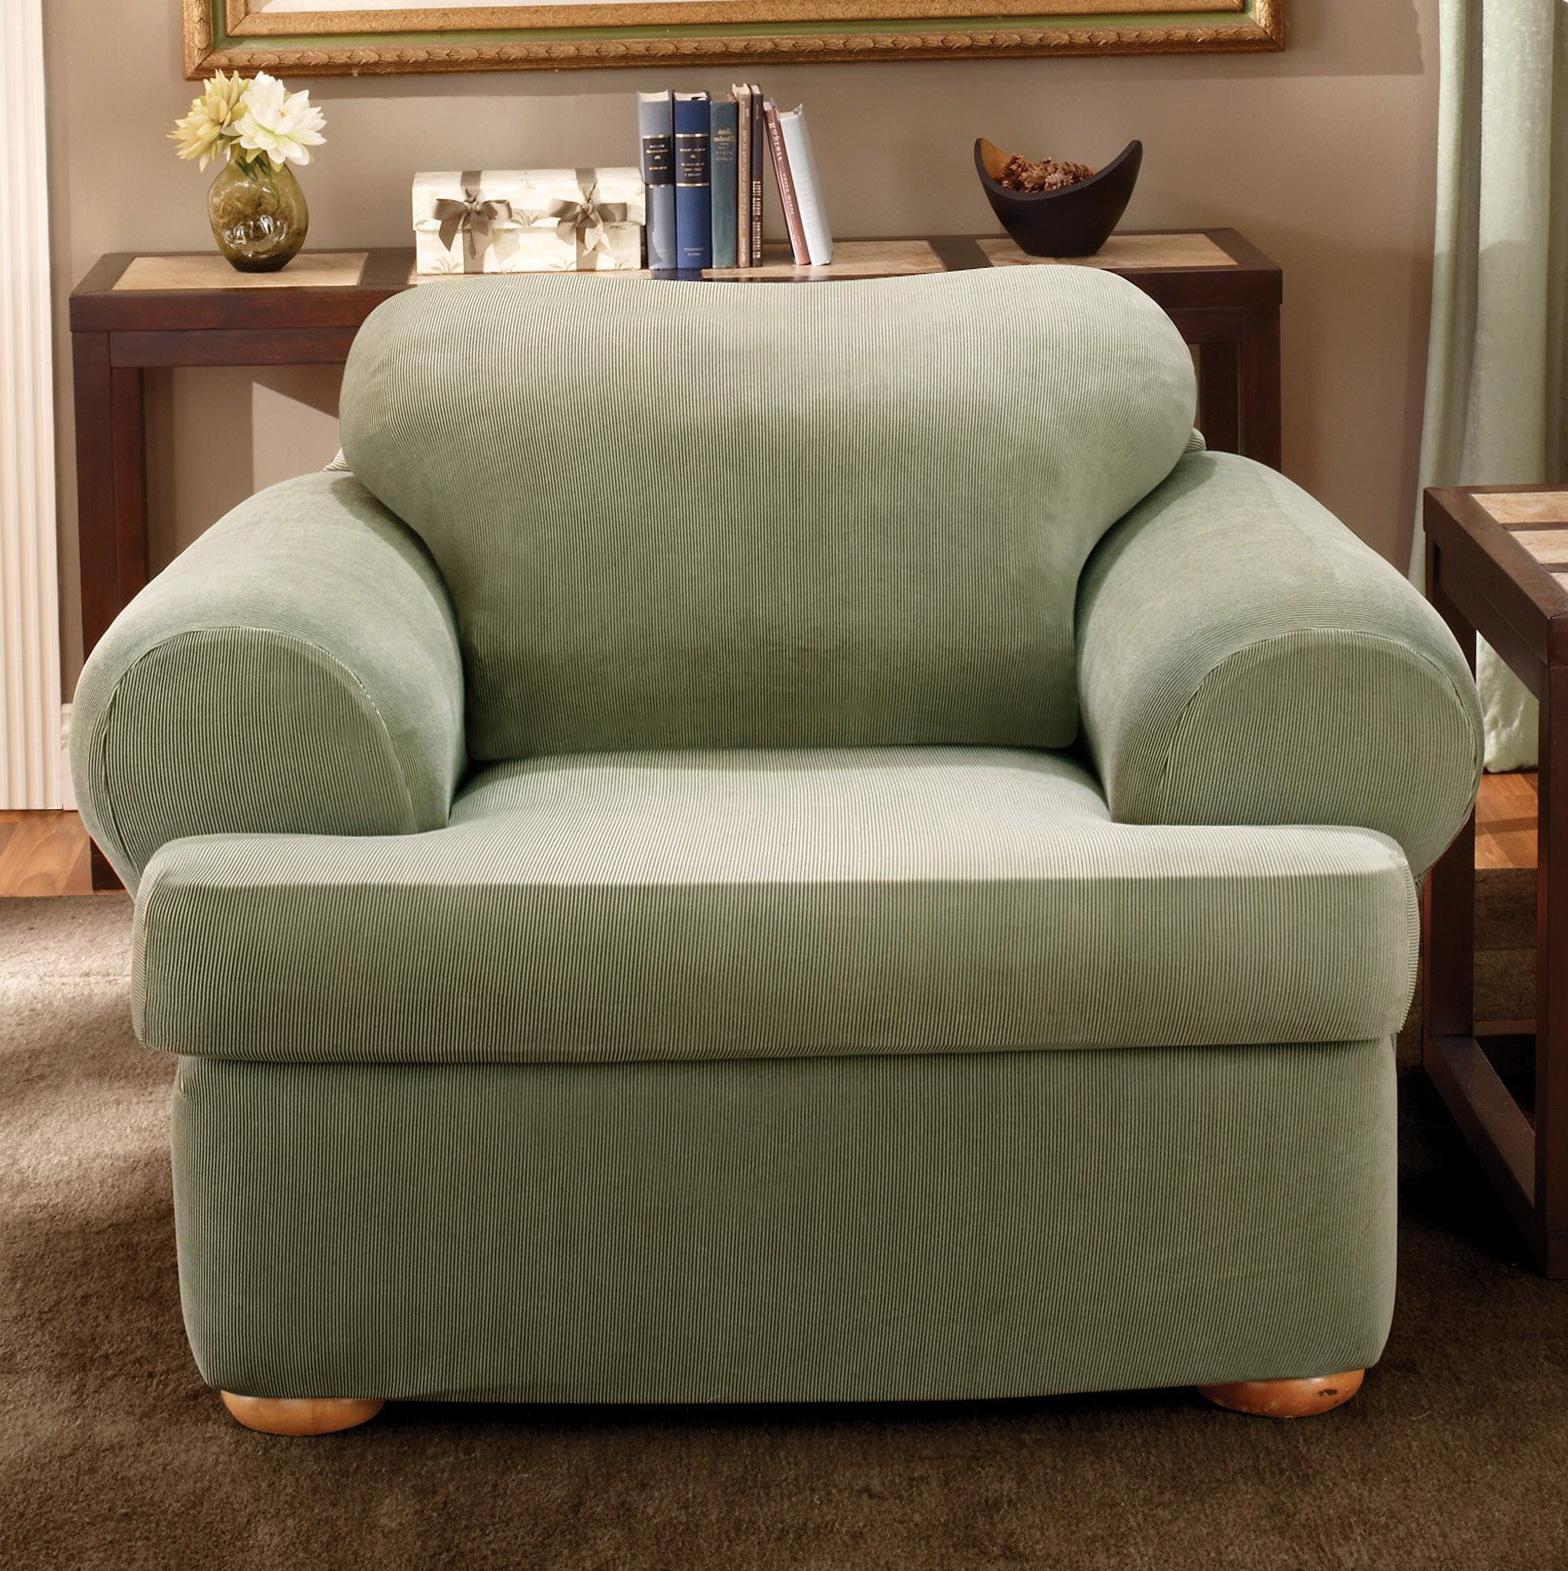 T Cushion Chair Covers